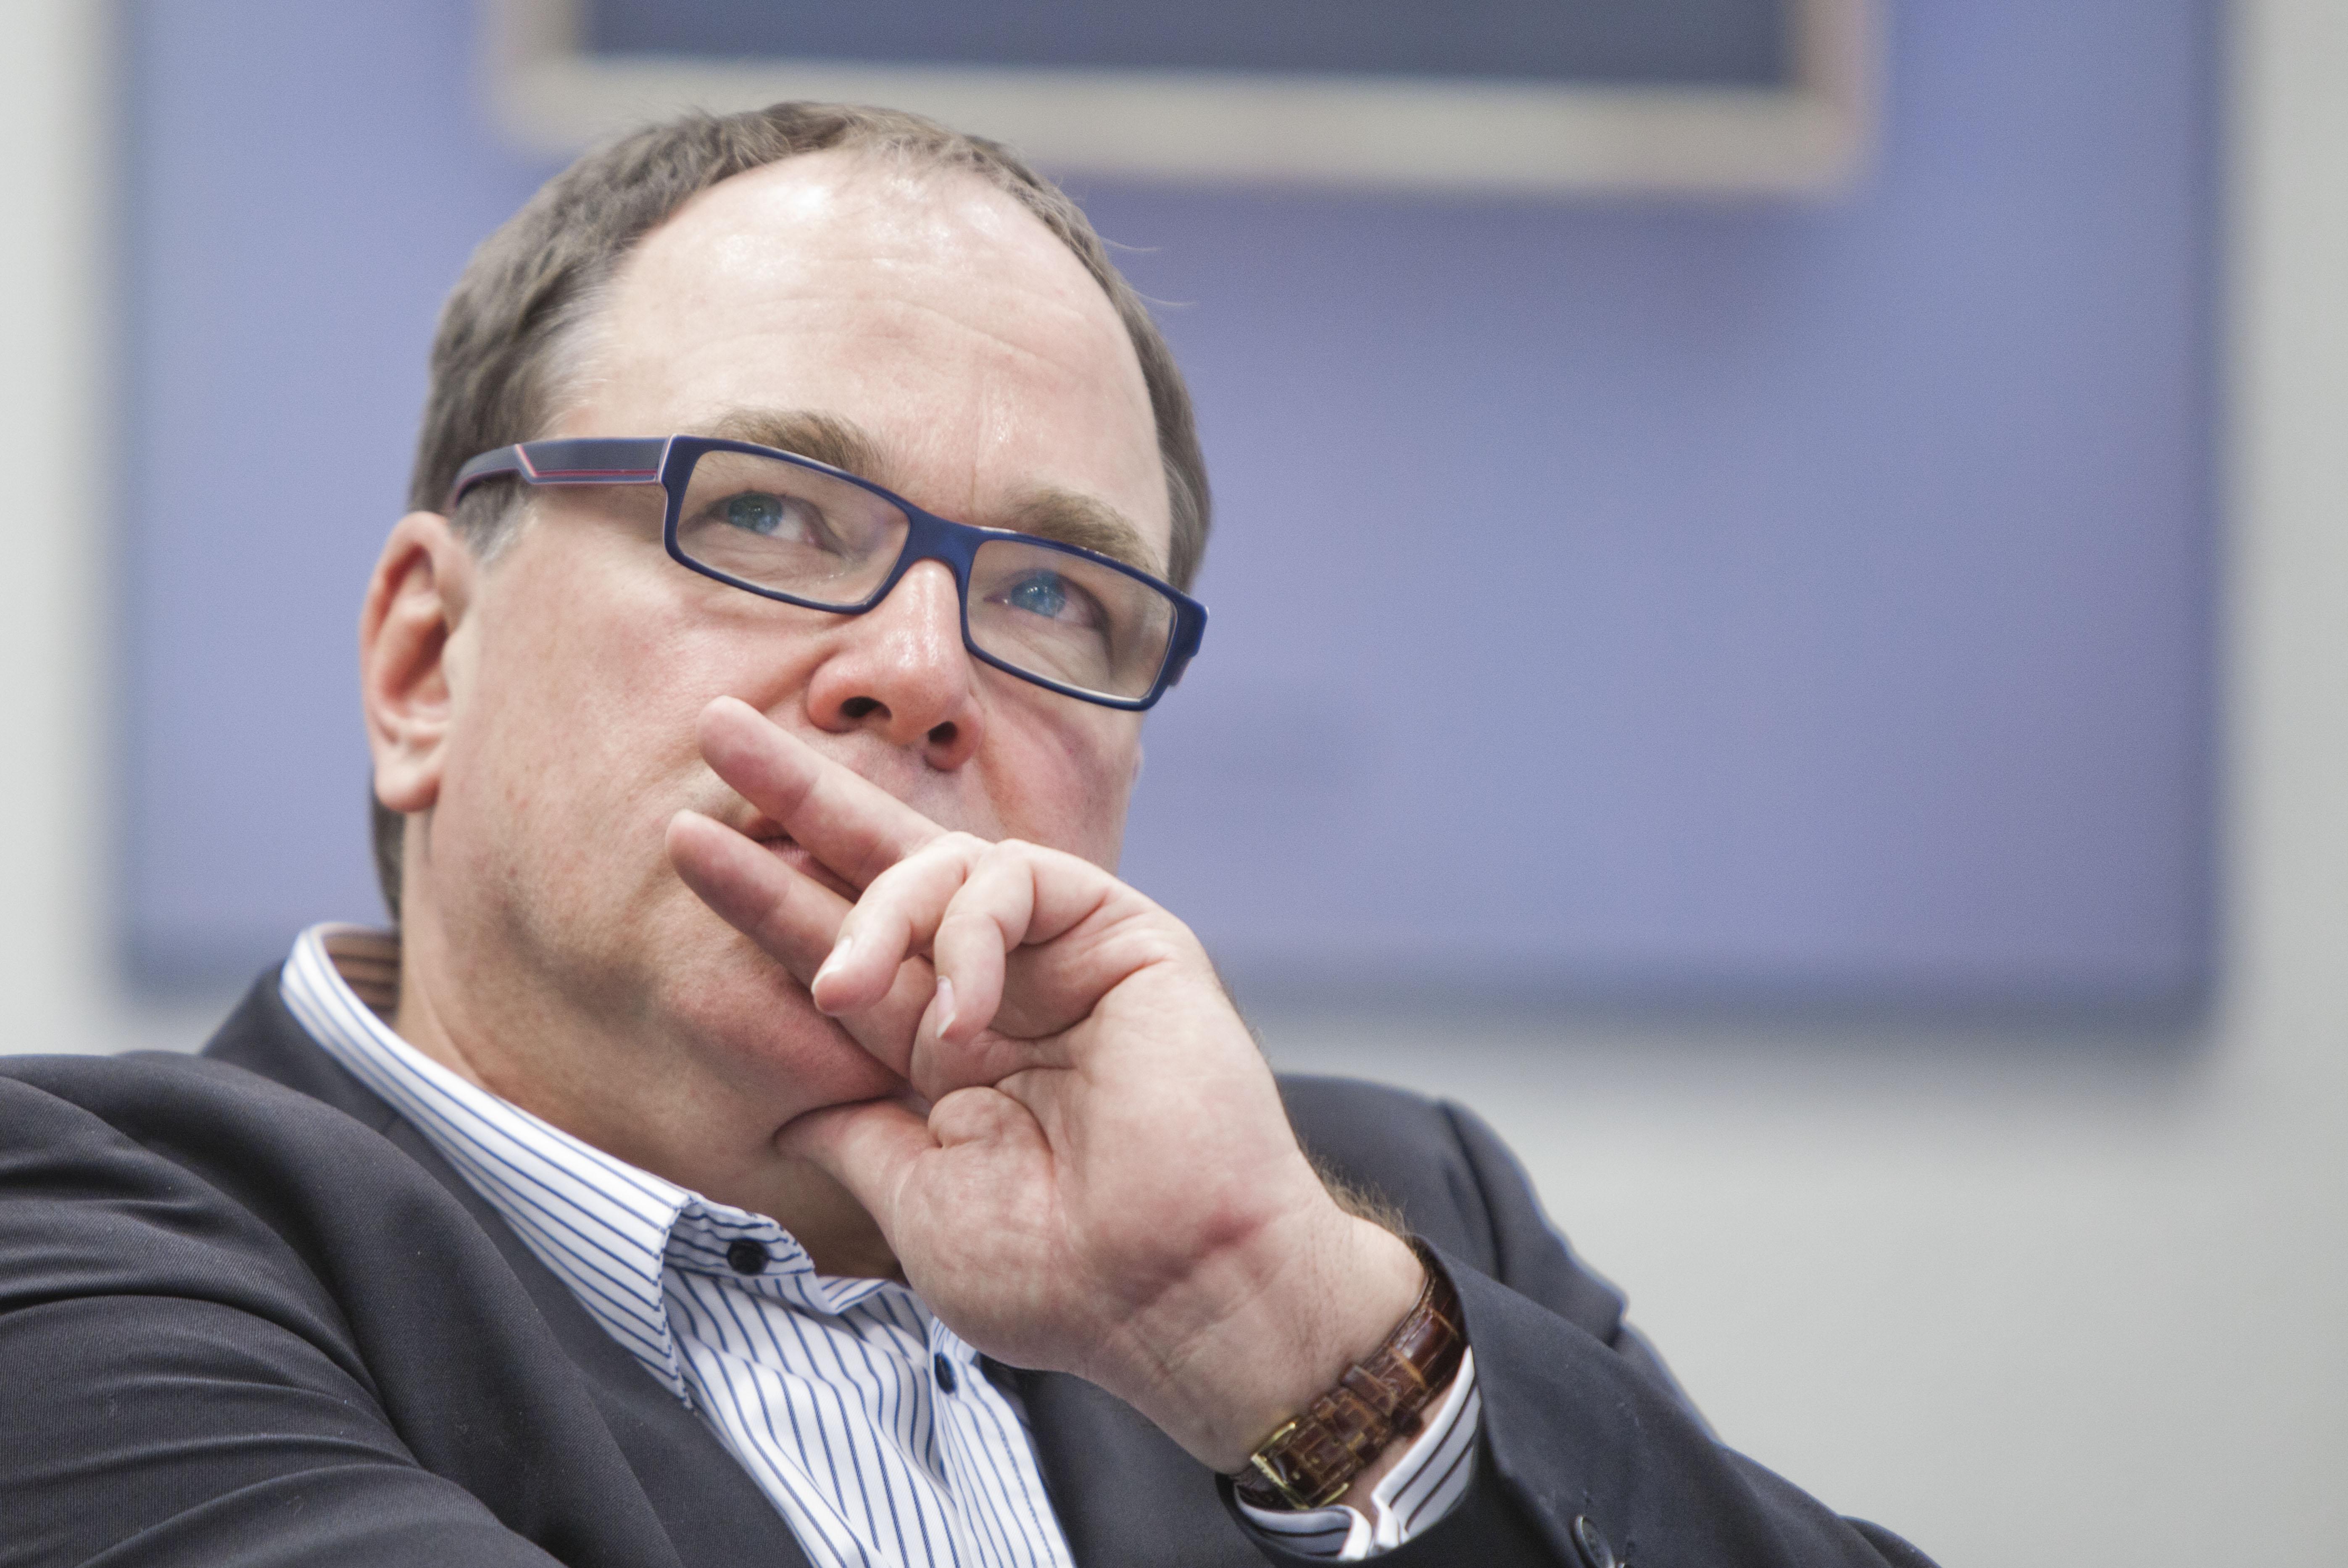 Matthias Ehrlich zählt zu den renommiertesten Digital- und Media-Experten. Seit Oktober 2013 ist er CEO von Ehrlich Strategies München (Quelle: ehrlich // strategies)